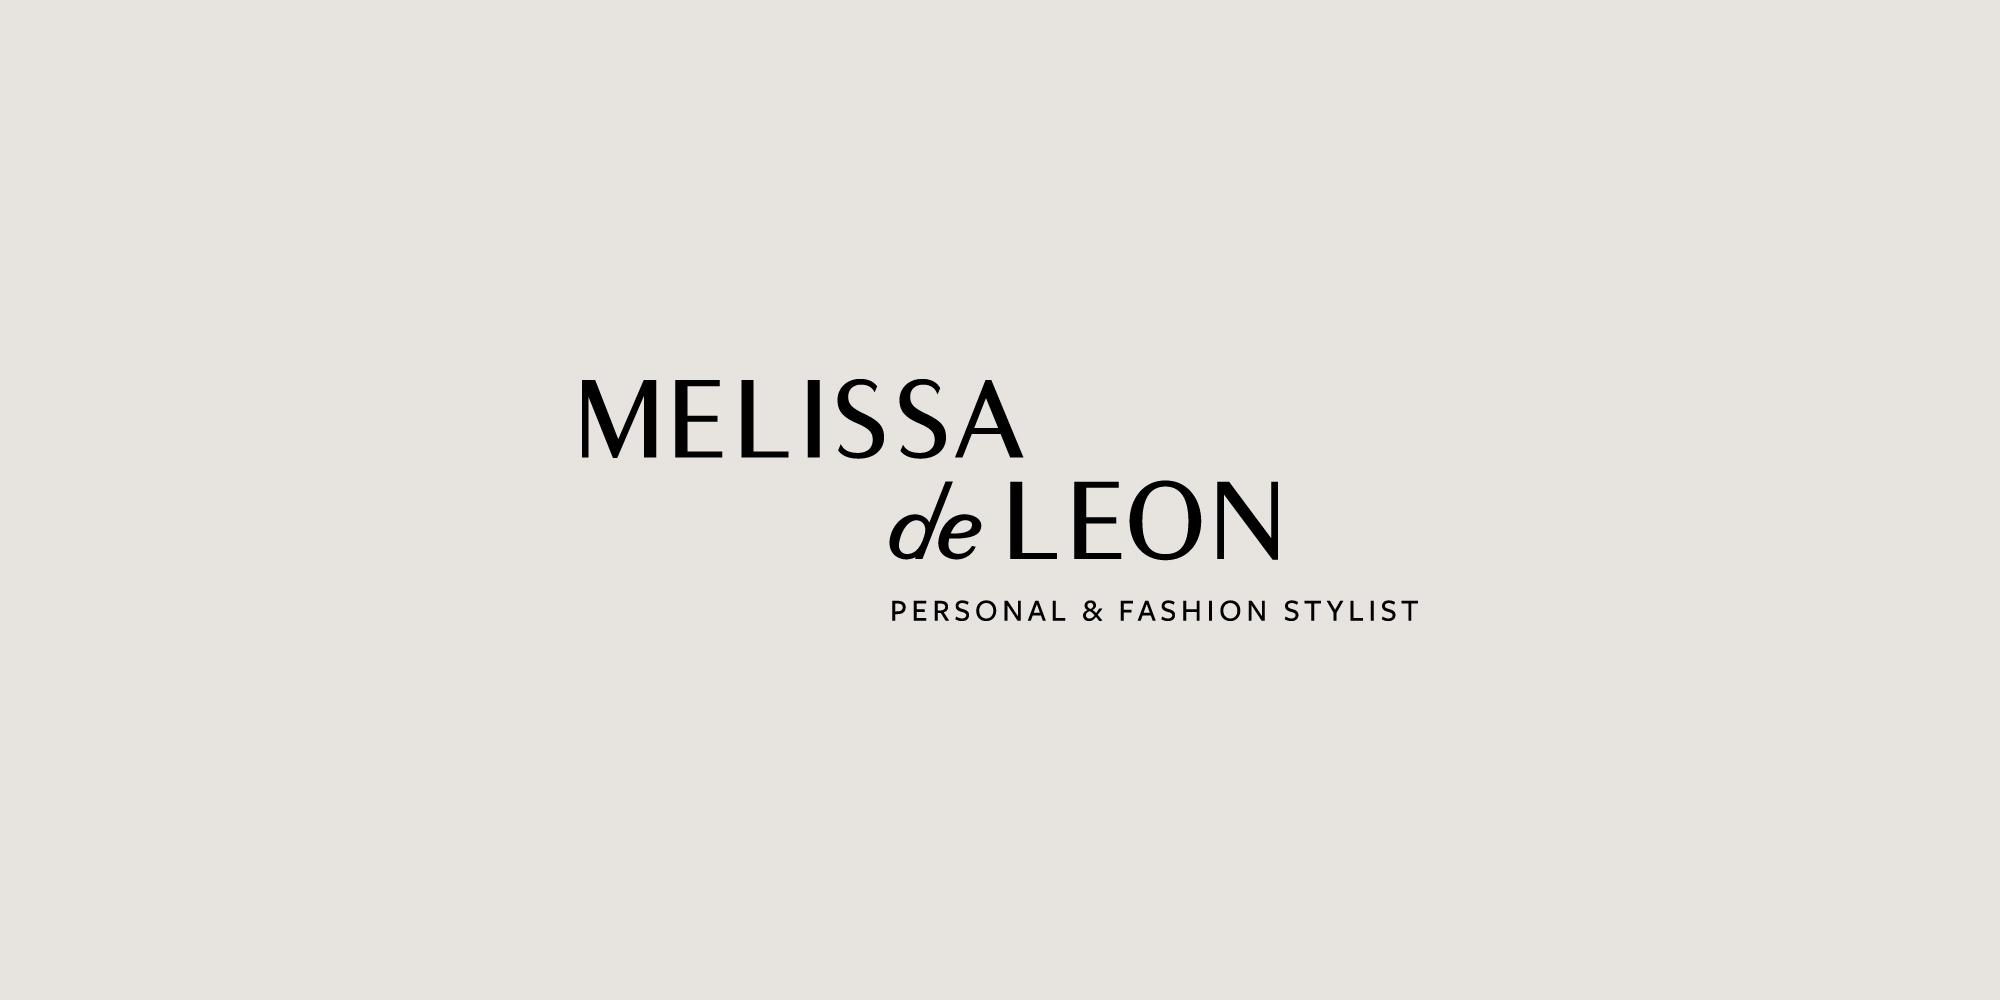 MelissadeLeon_Logo.jpg